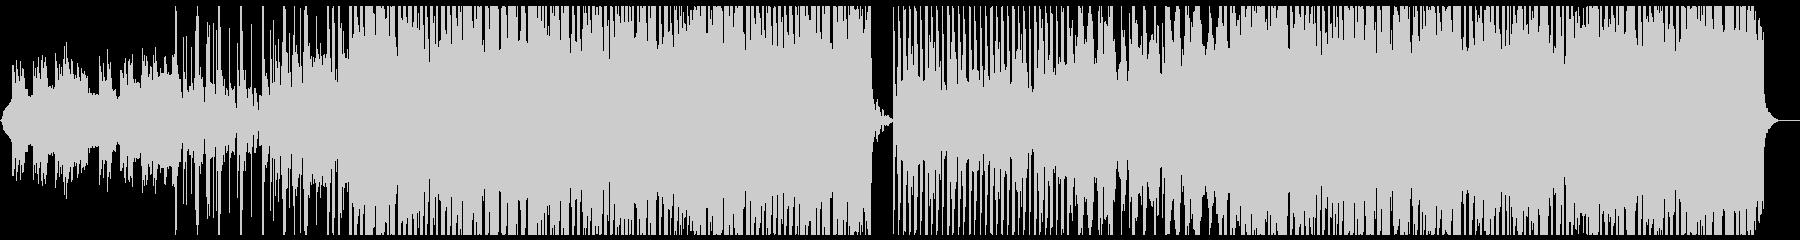 力の抜けたリードが特徴的なEDMの未再生の波形